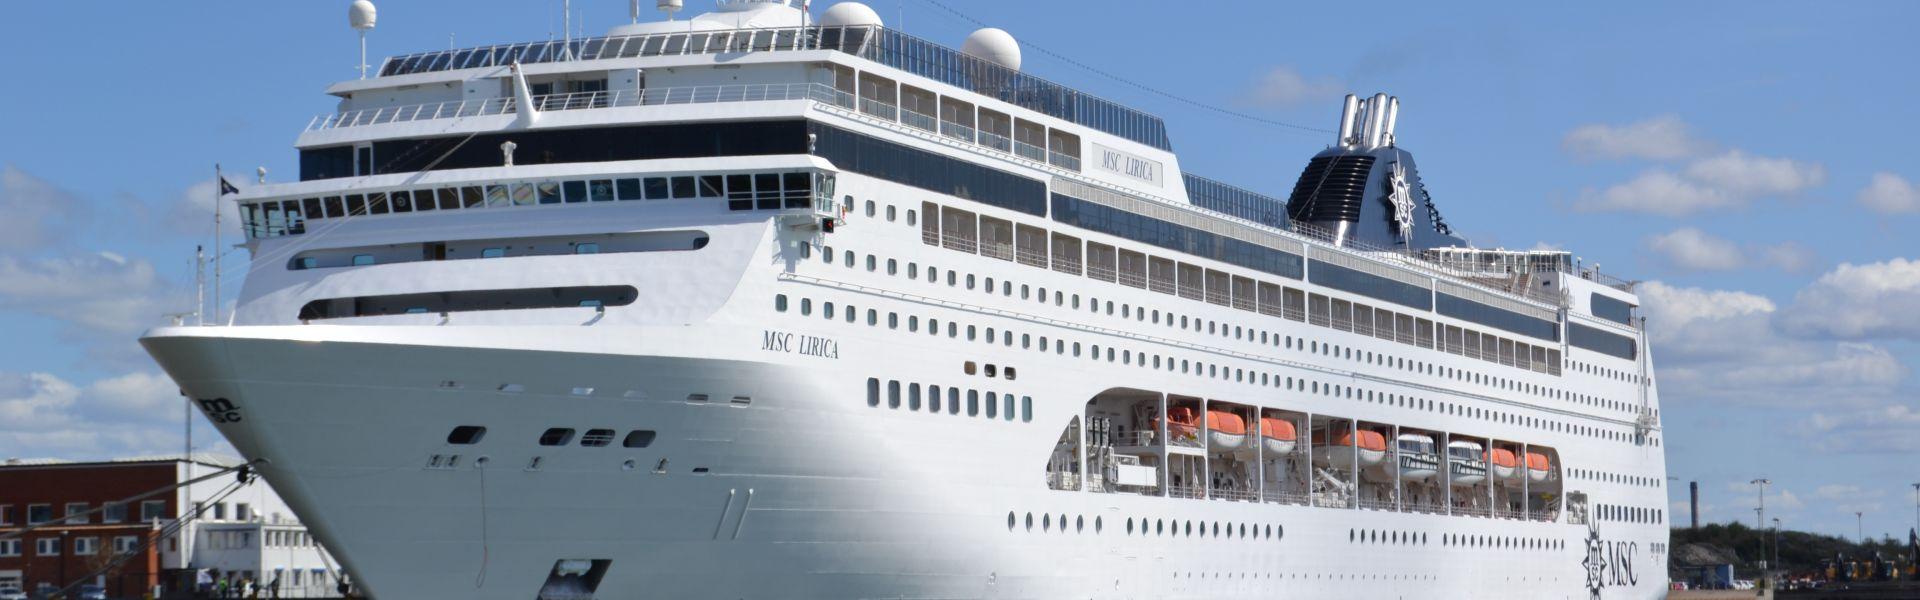 Croaziera 2018 - Orientul Mijlociu (Dubai) - MSC Cruises - MSC Lirica - 11 nopti